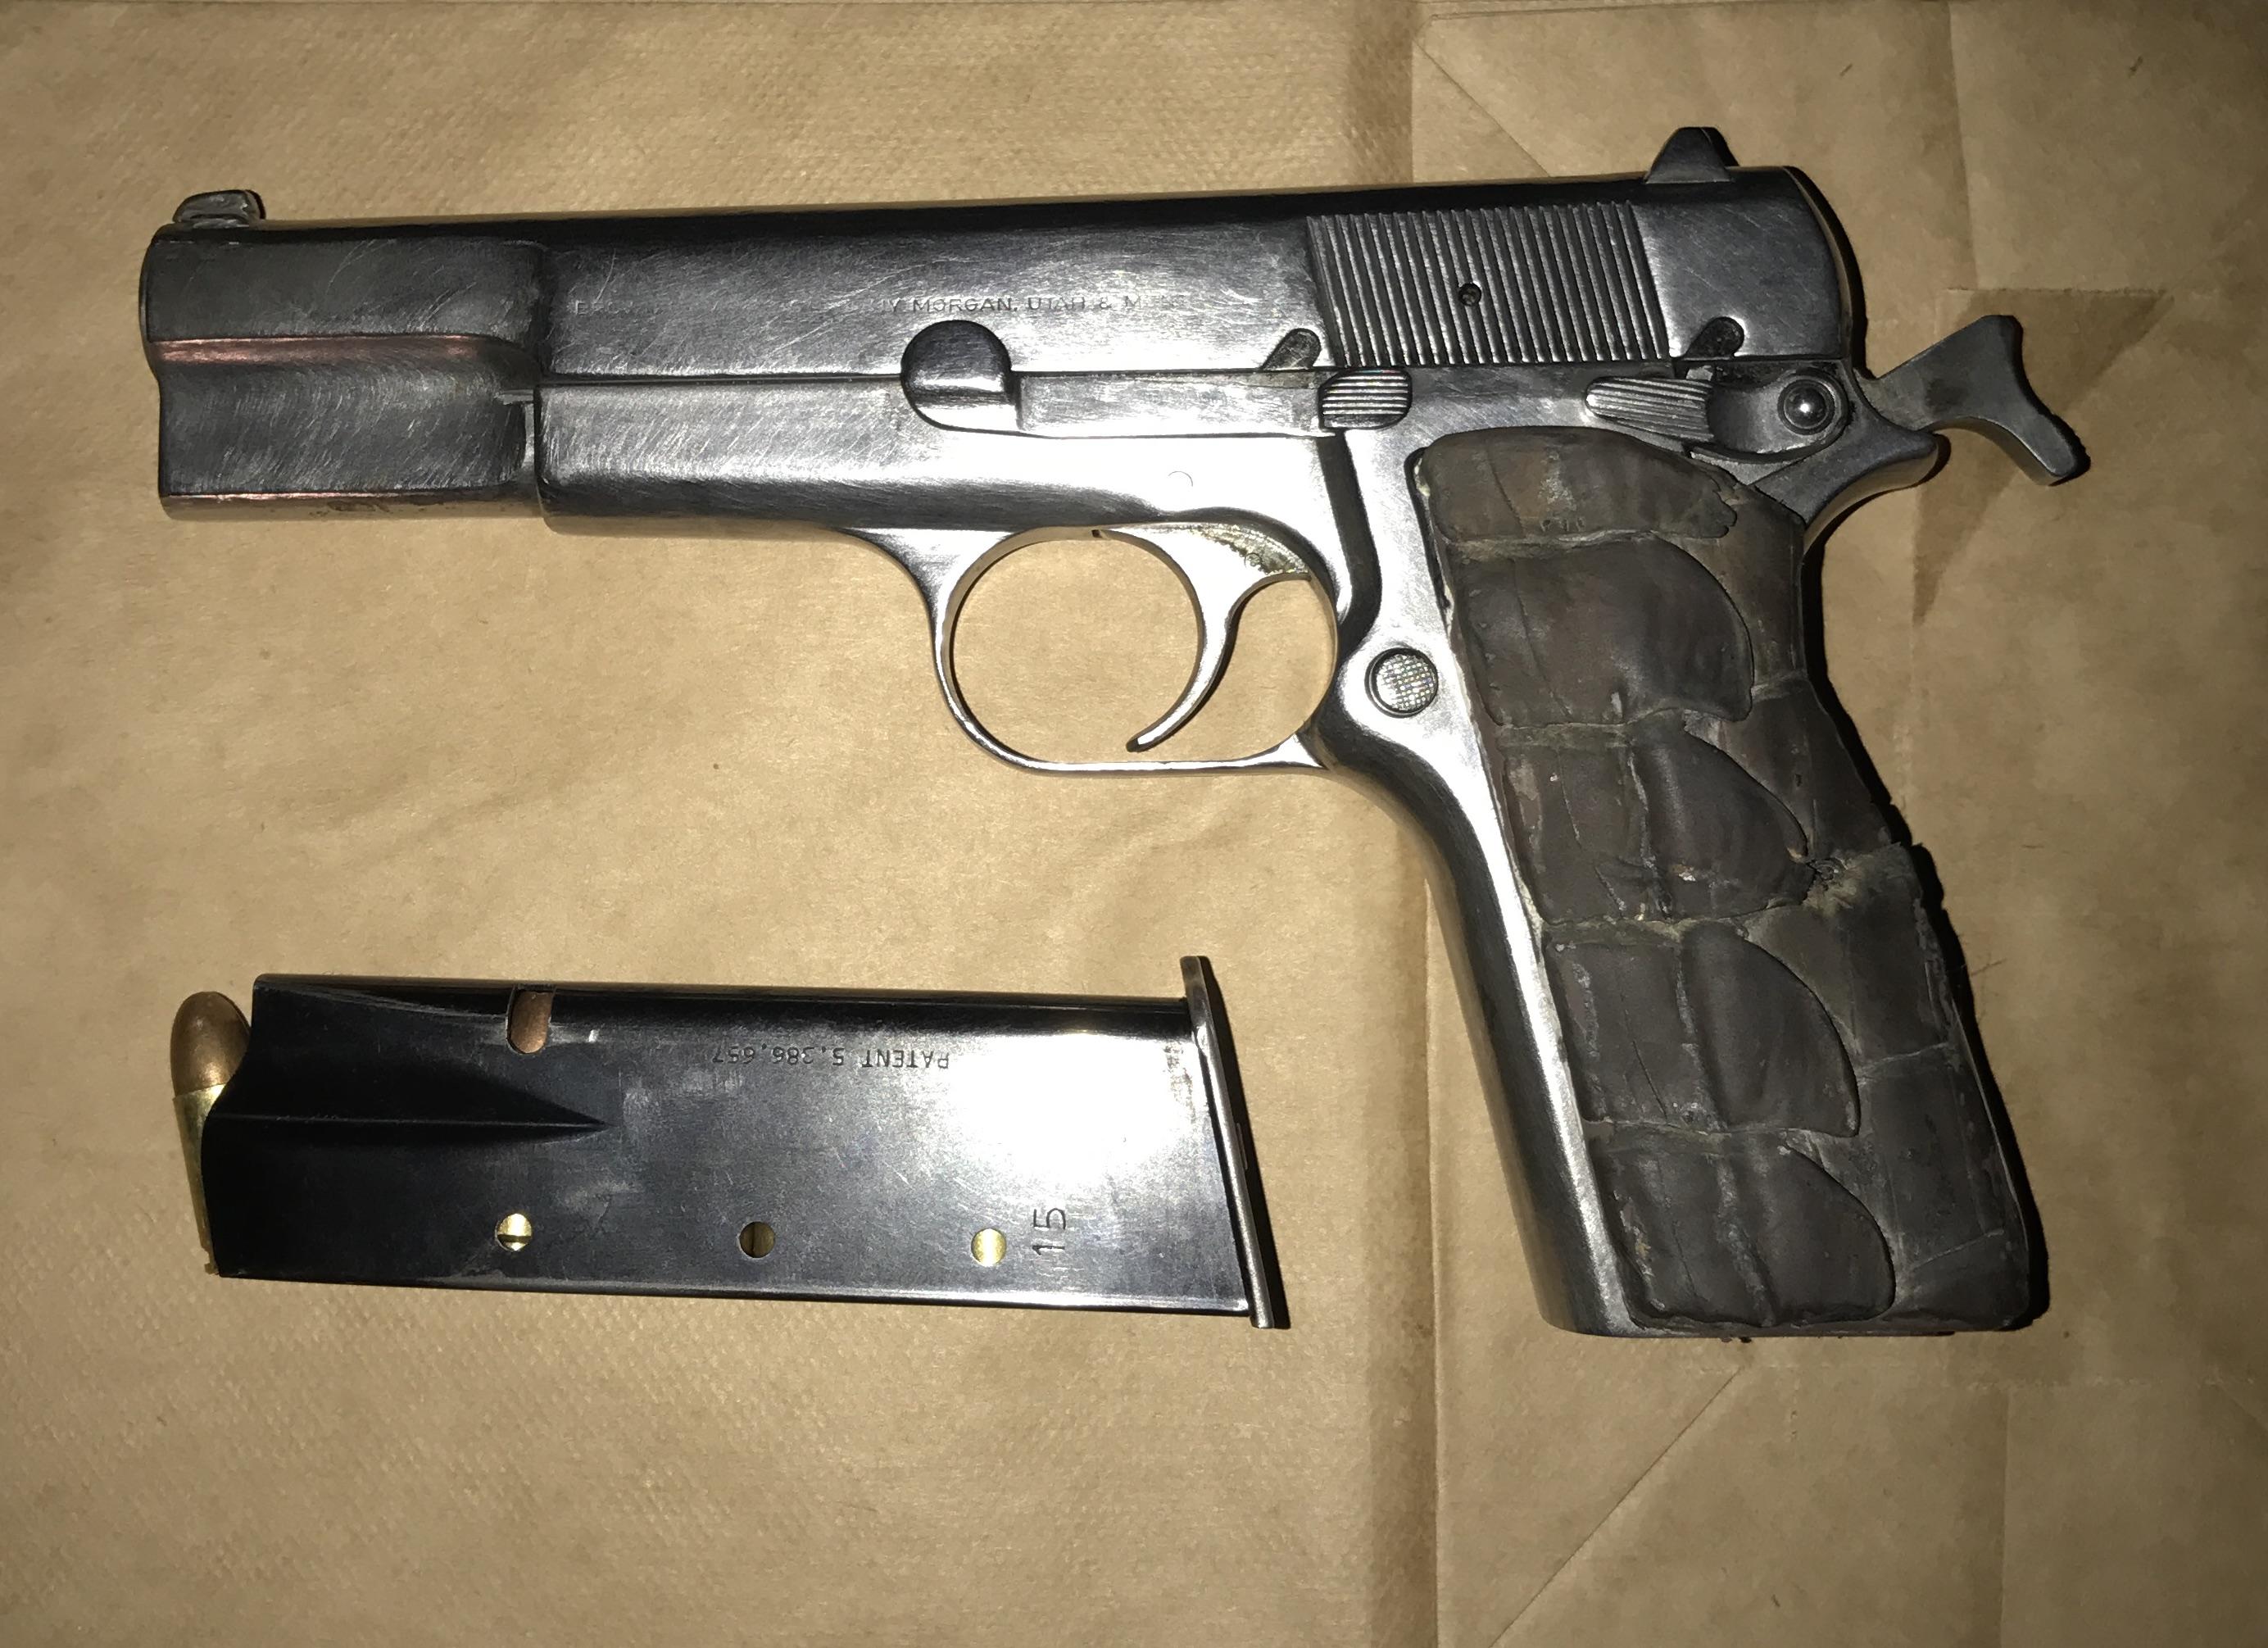 Bakersfield Police recover stolen handgun, make arrests